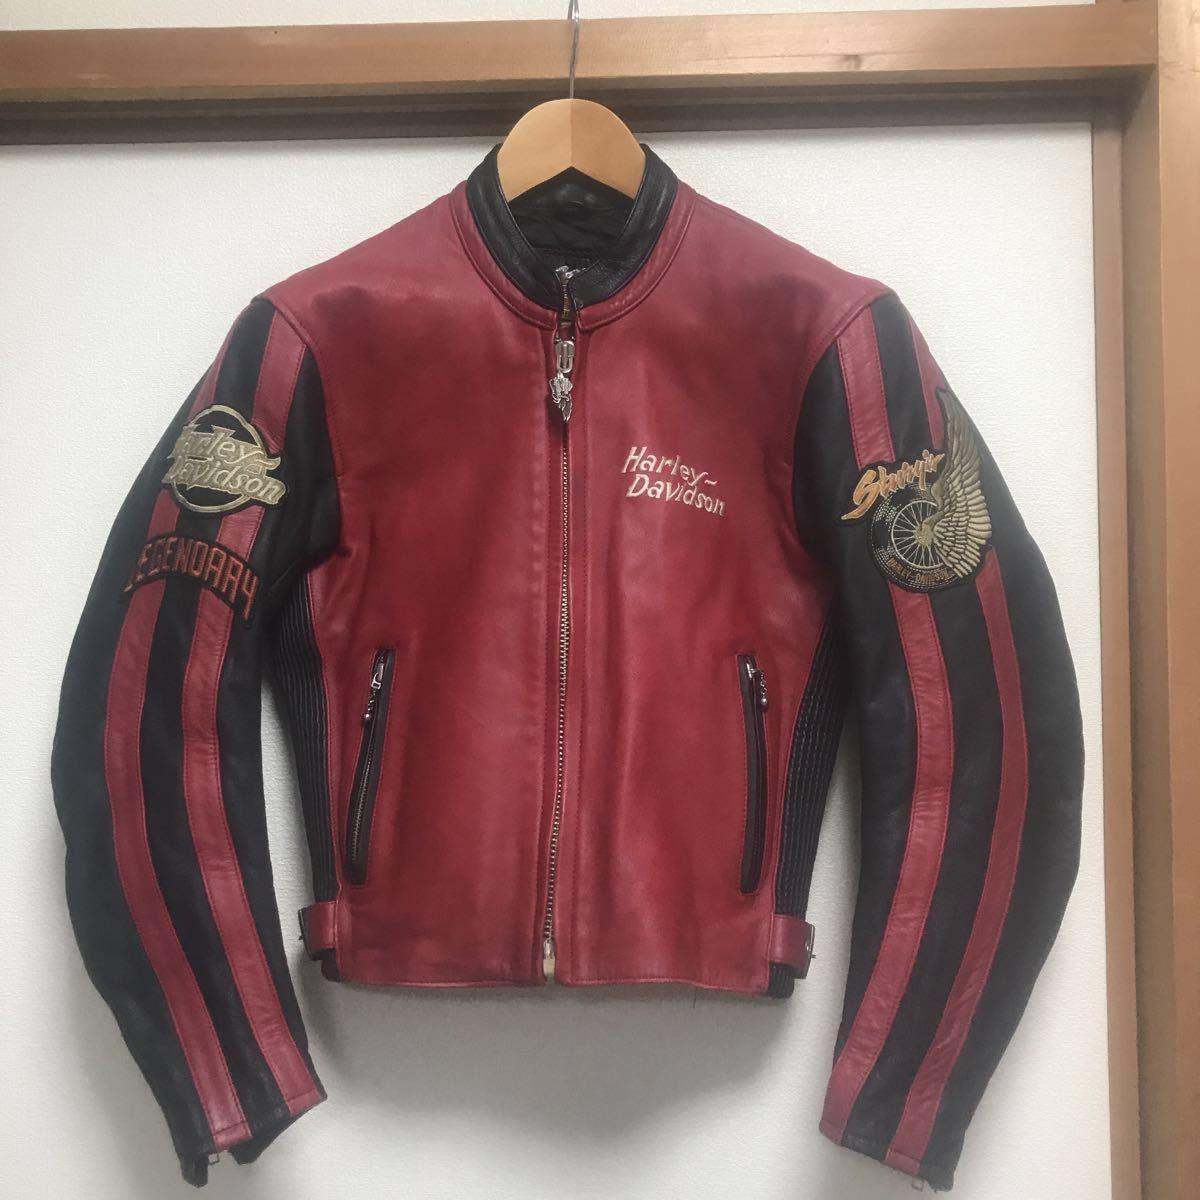 ハーレーダビッドソン ライダースジャケット レザー S 赤黒 牛革